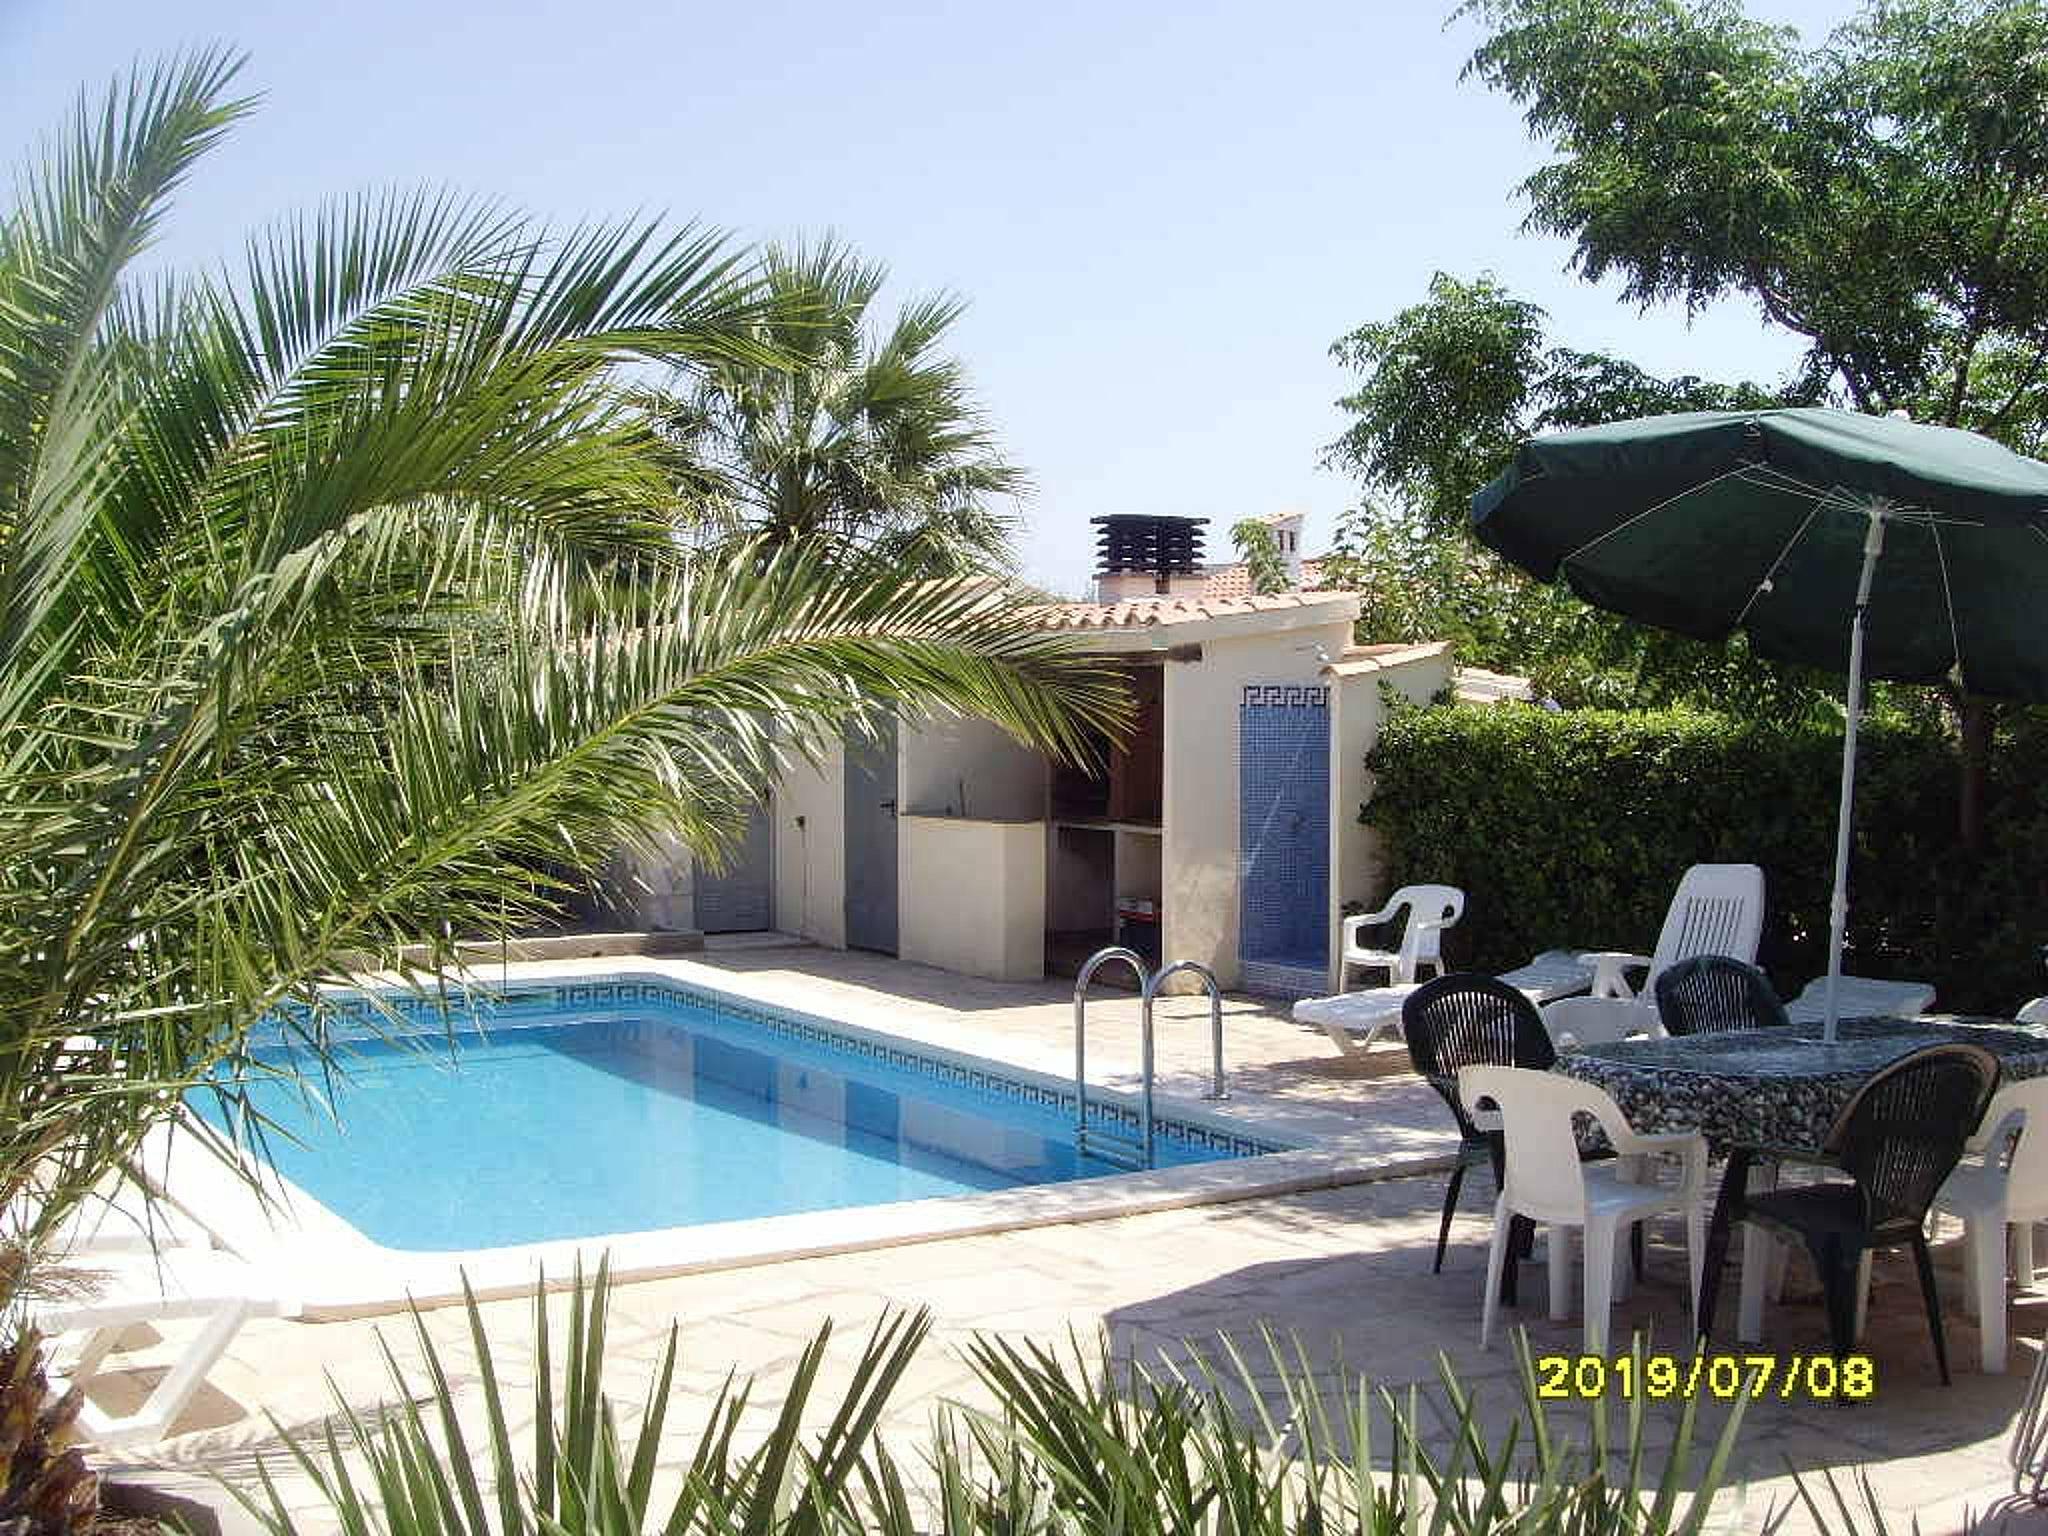 Alquiler apartamentos vacacionales en s jorge de alfama l 39 ametlla de mar y casas rurales - Casa rural ametlla de mar ...